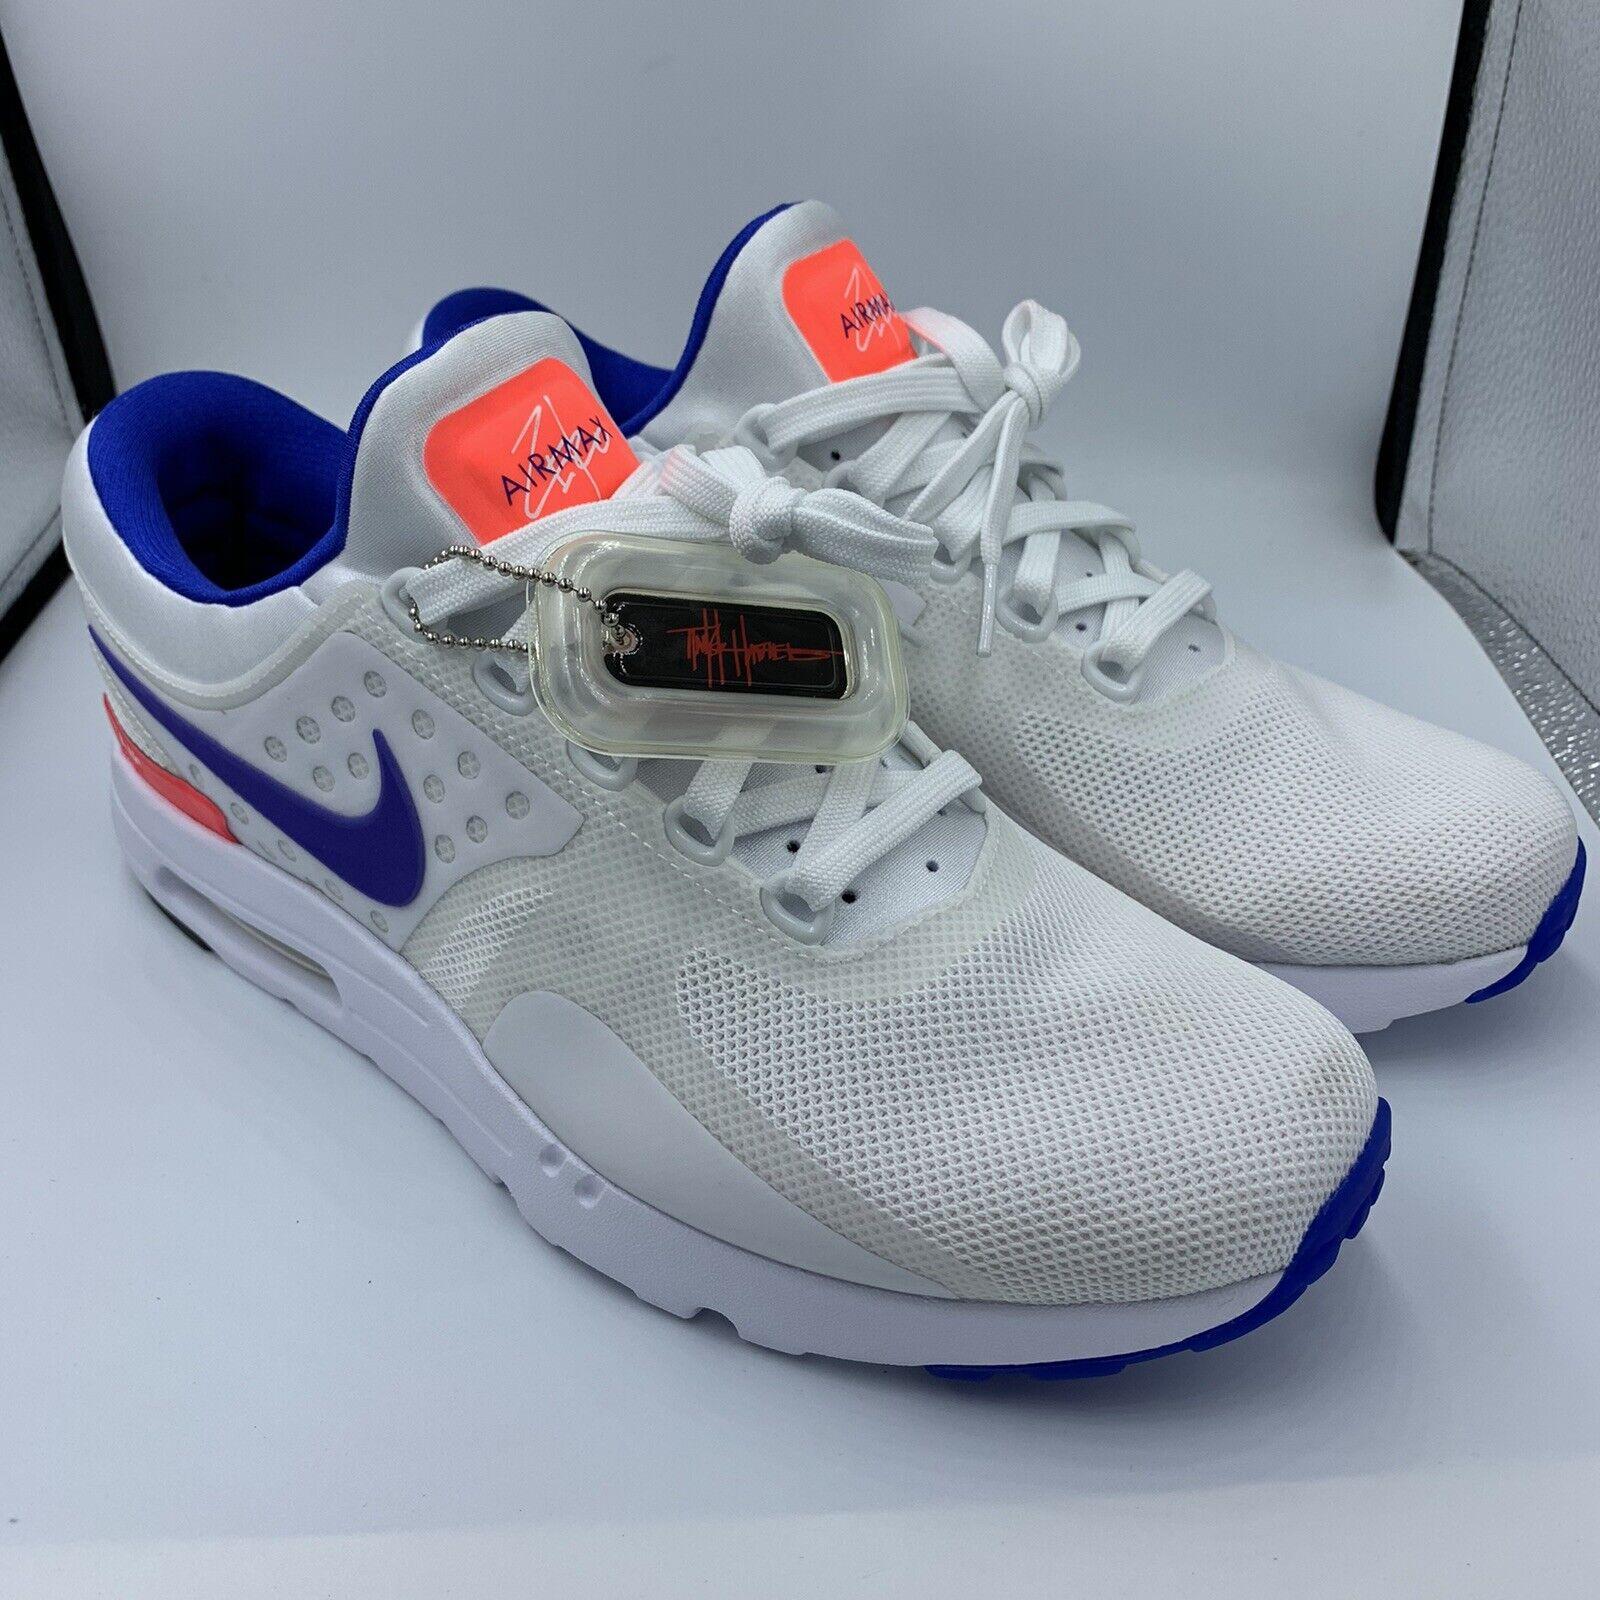 Nike Air Max Zero 0 QS 789695-105